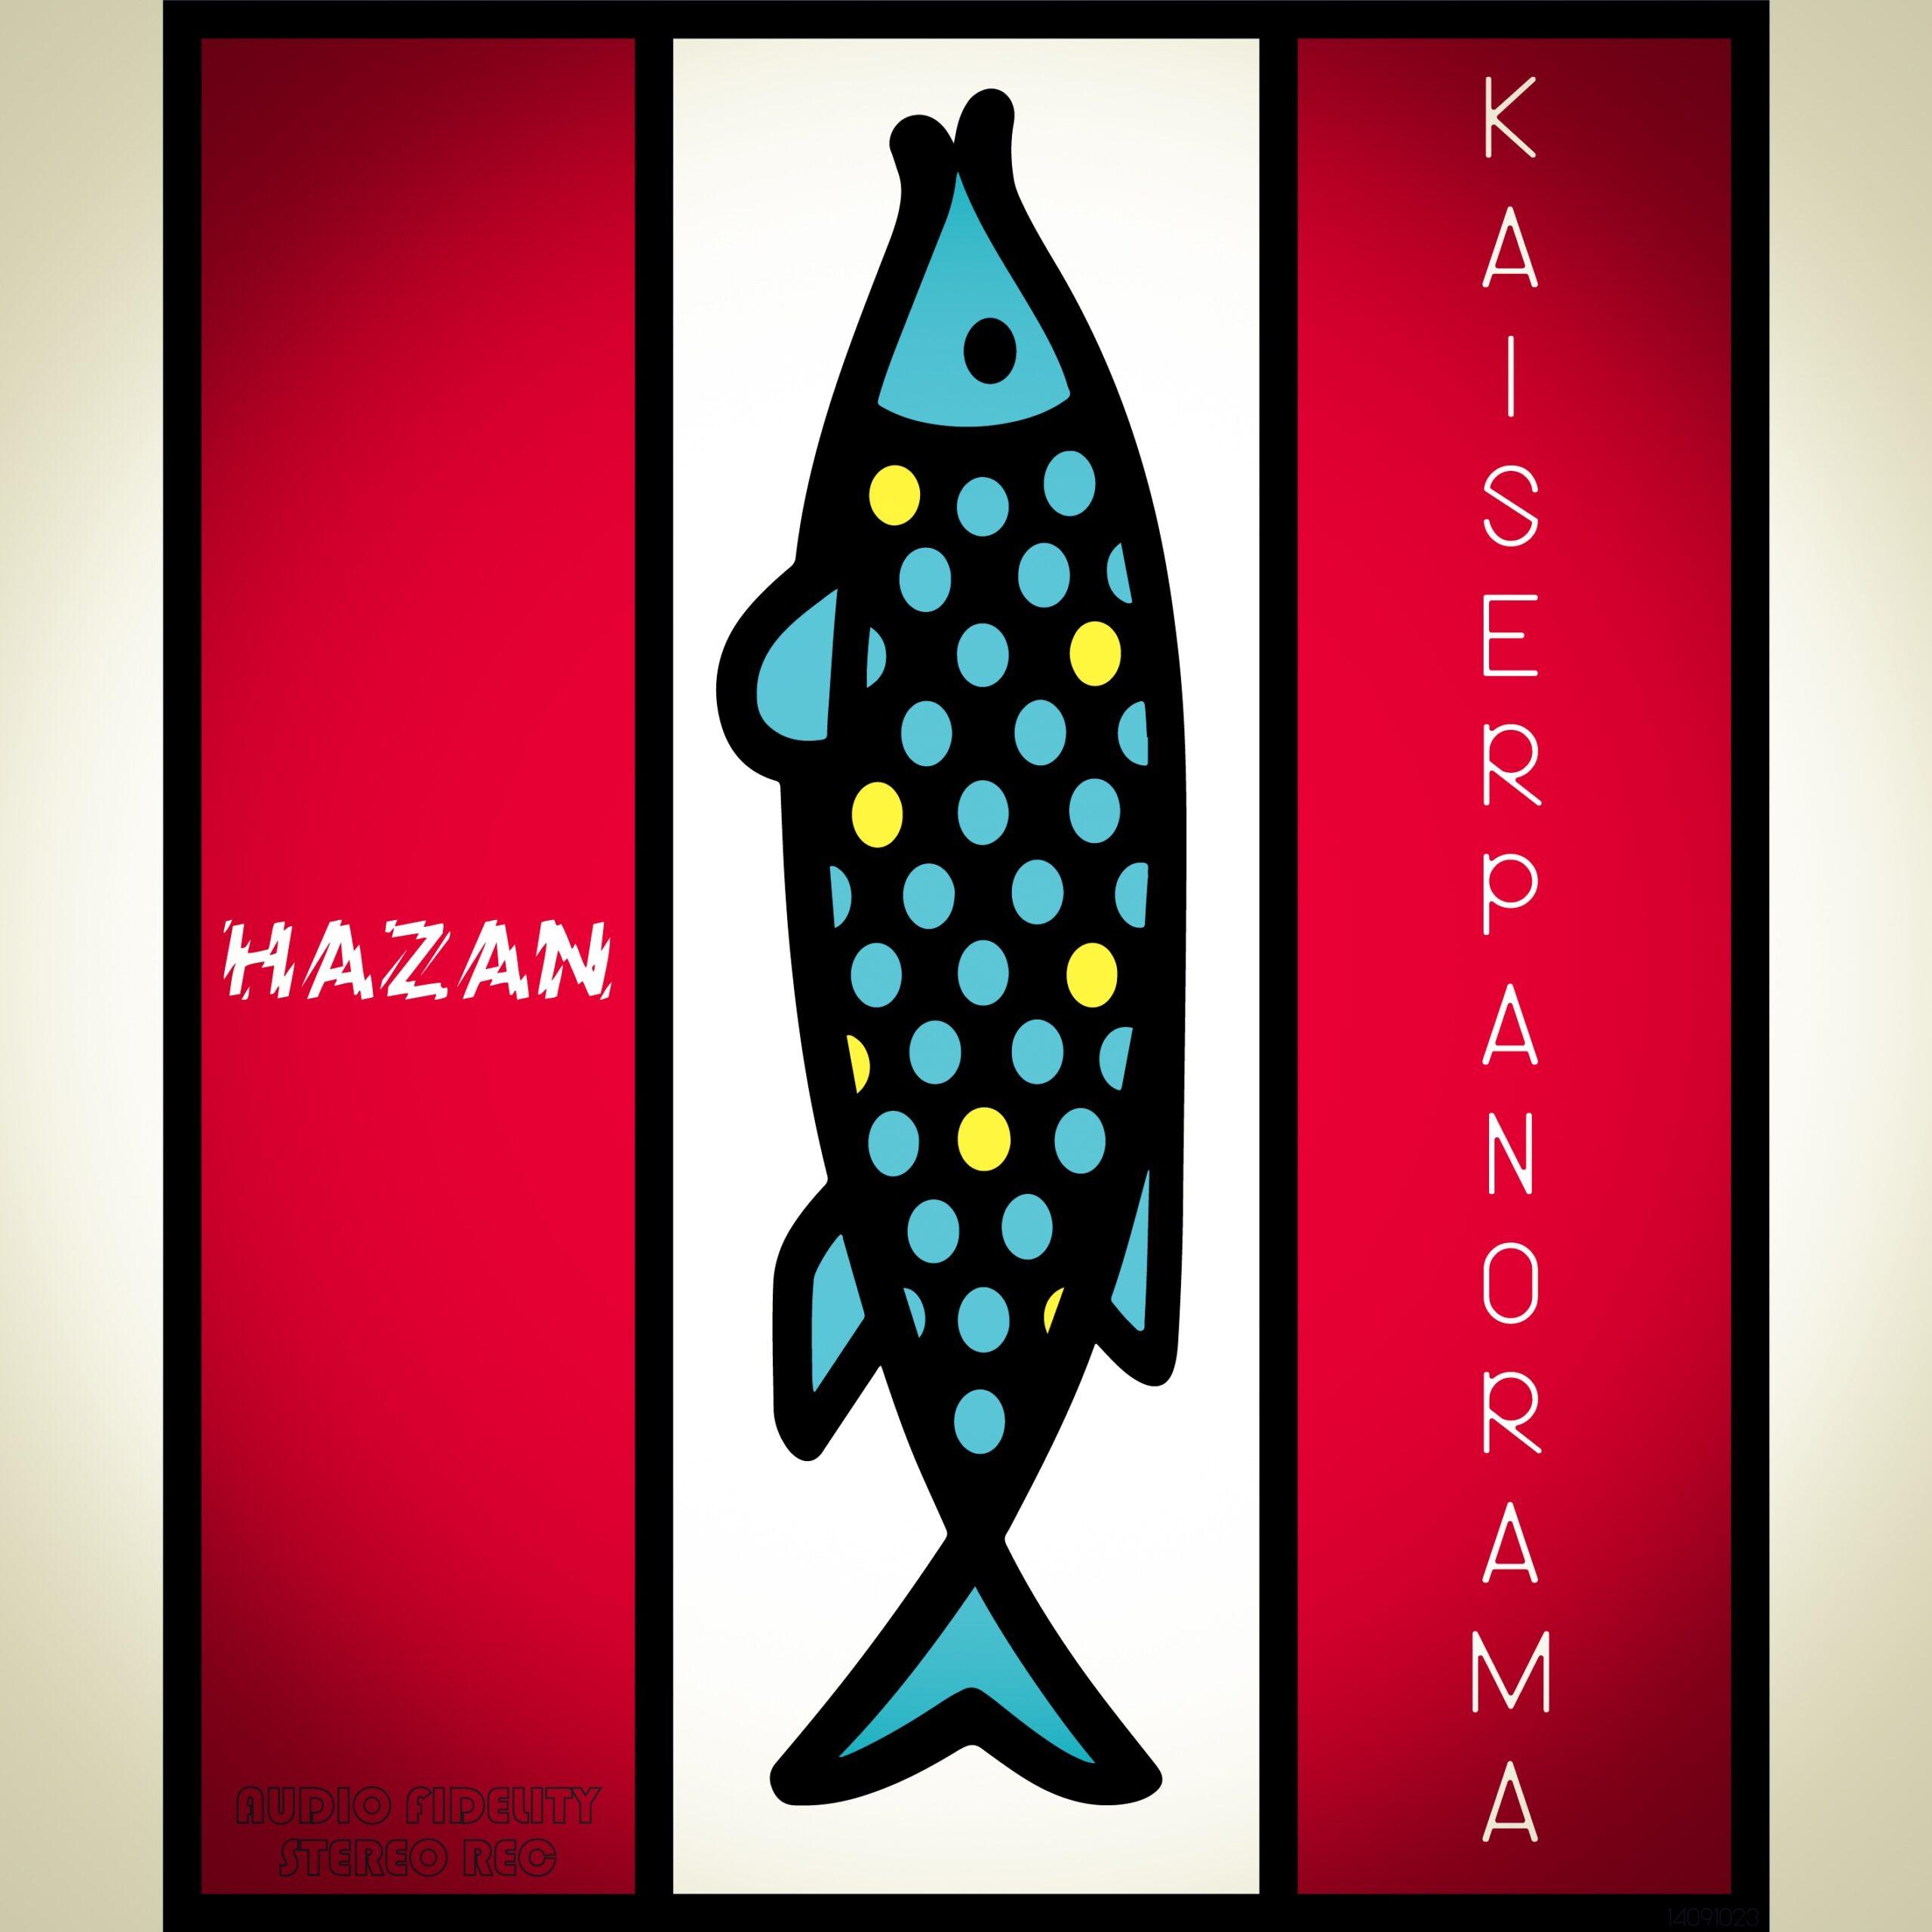 Hazan - Kaiserpanorama ep 1 - fanzine